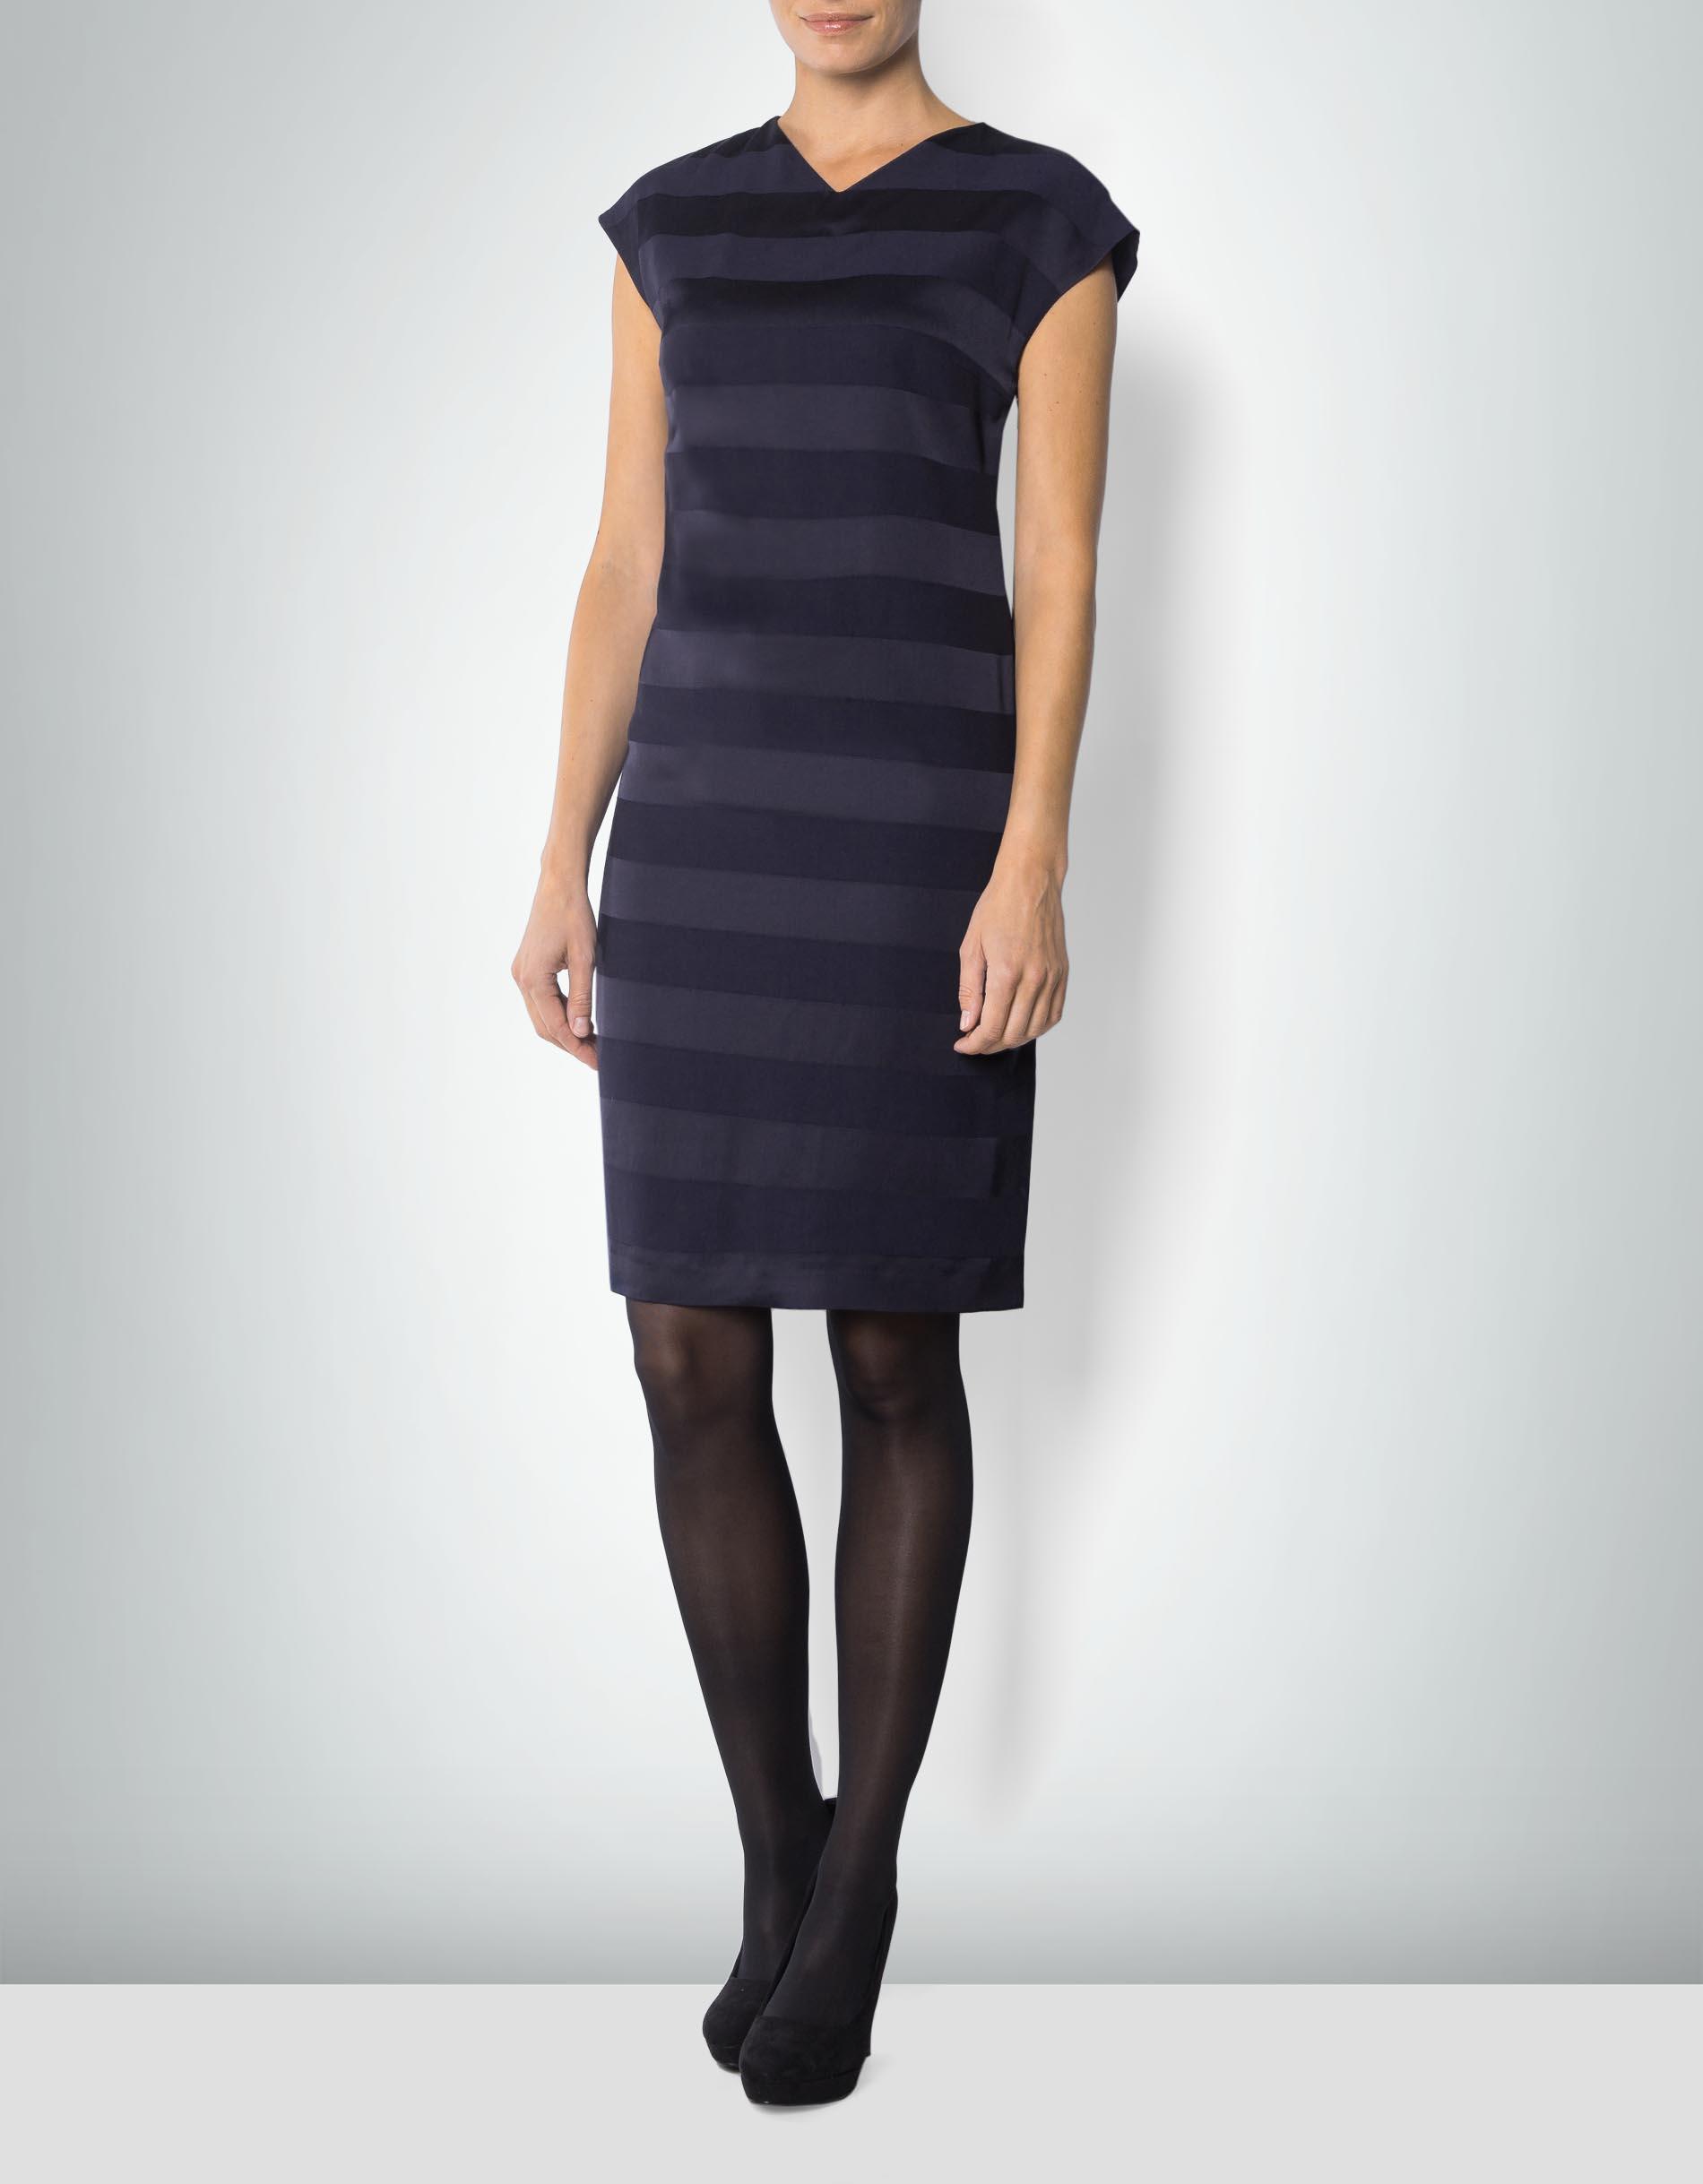 ren lezard damen kleid im streifen look empfohlen von deinen schwestern. Black Bedroom Furniture Sets. Home Design Ideas